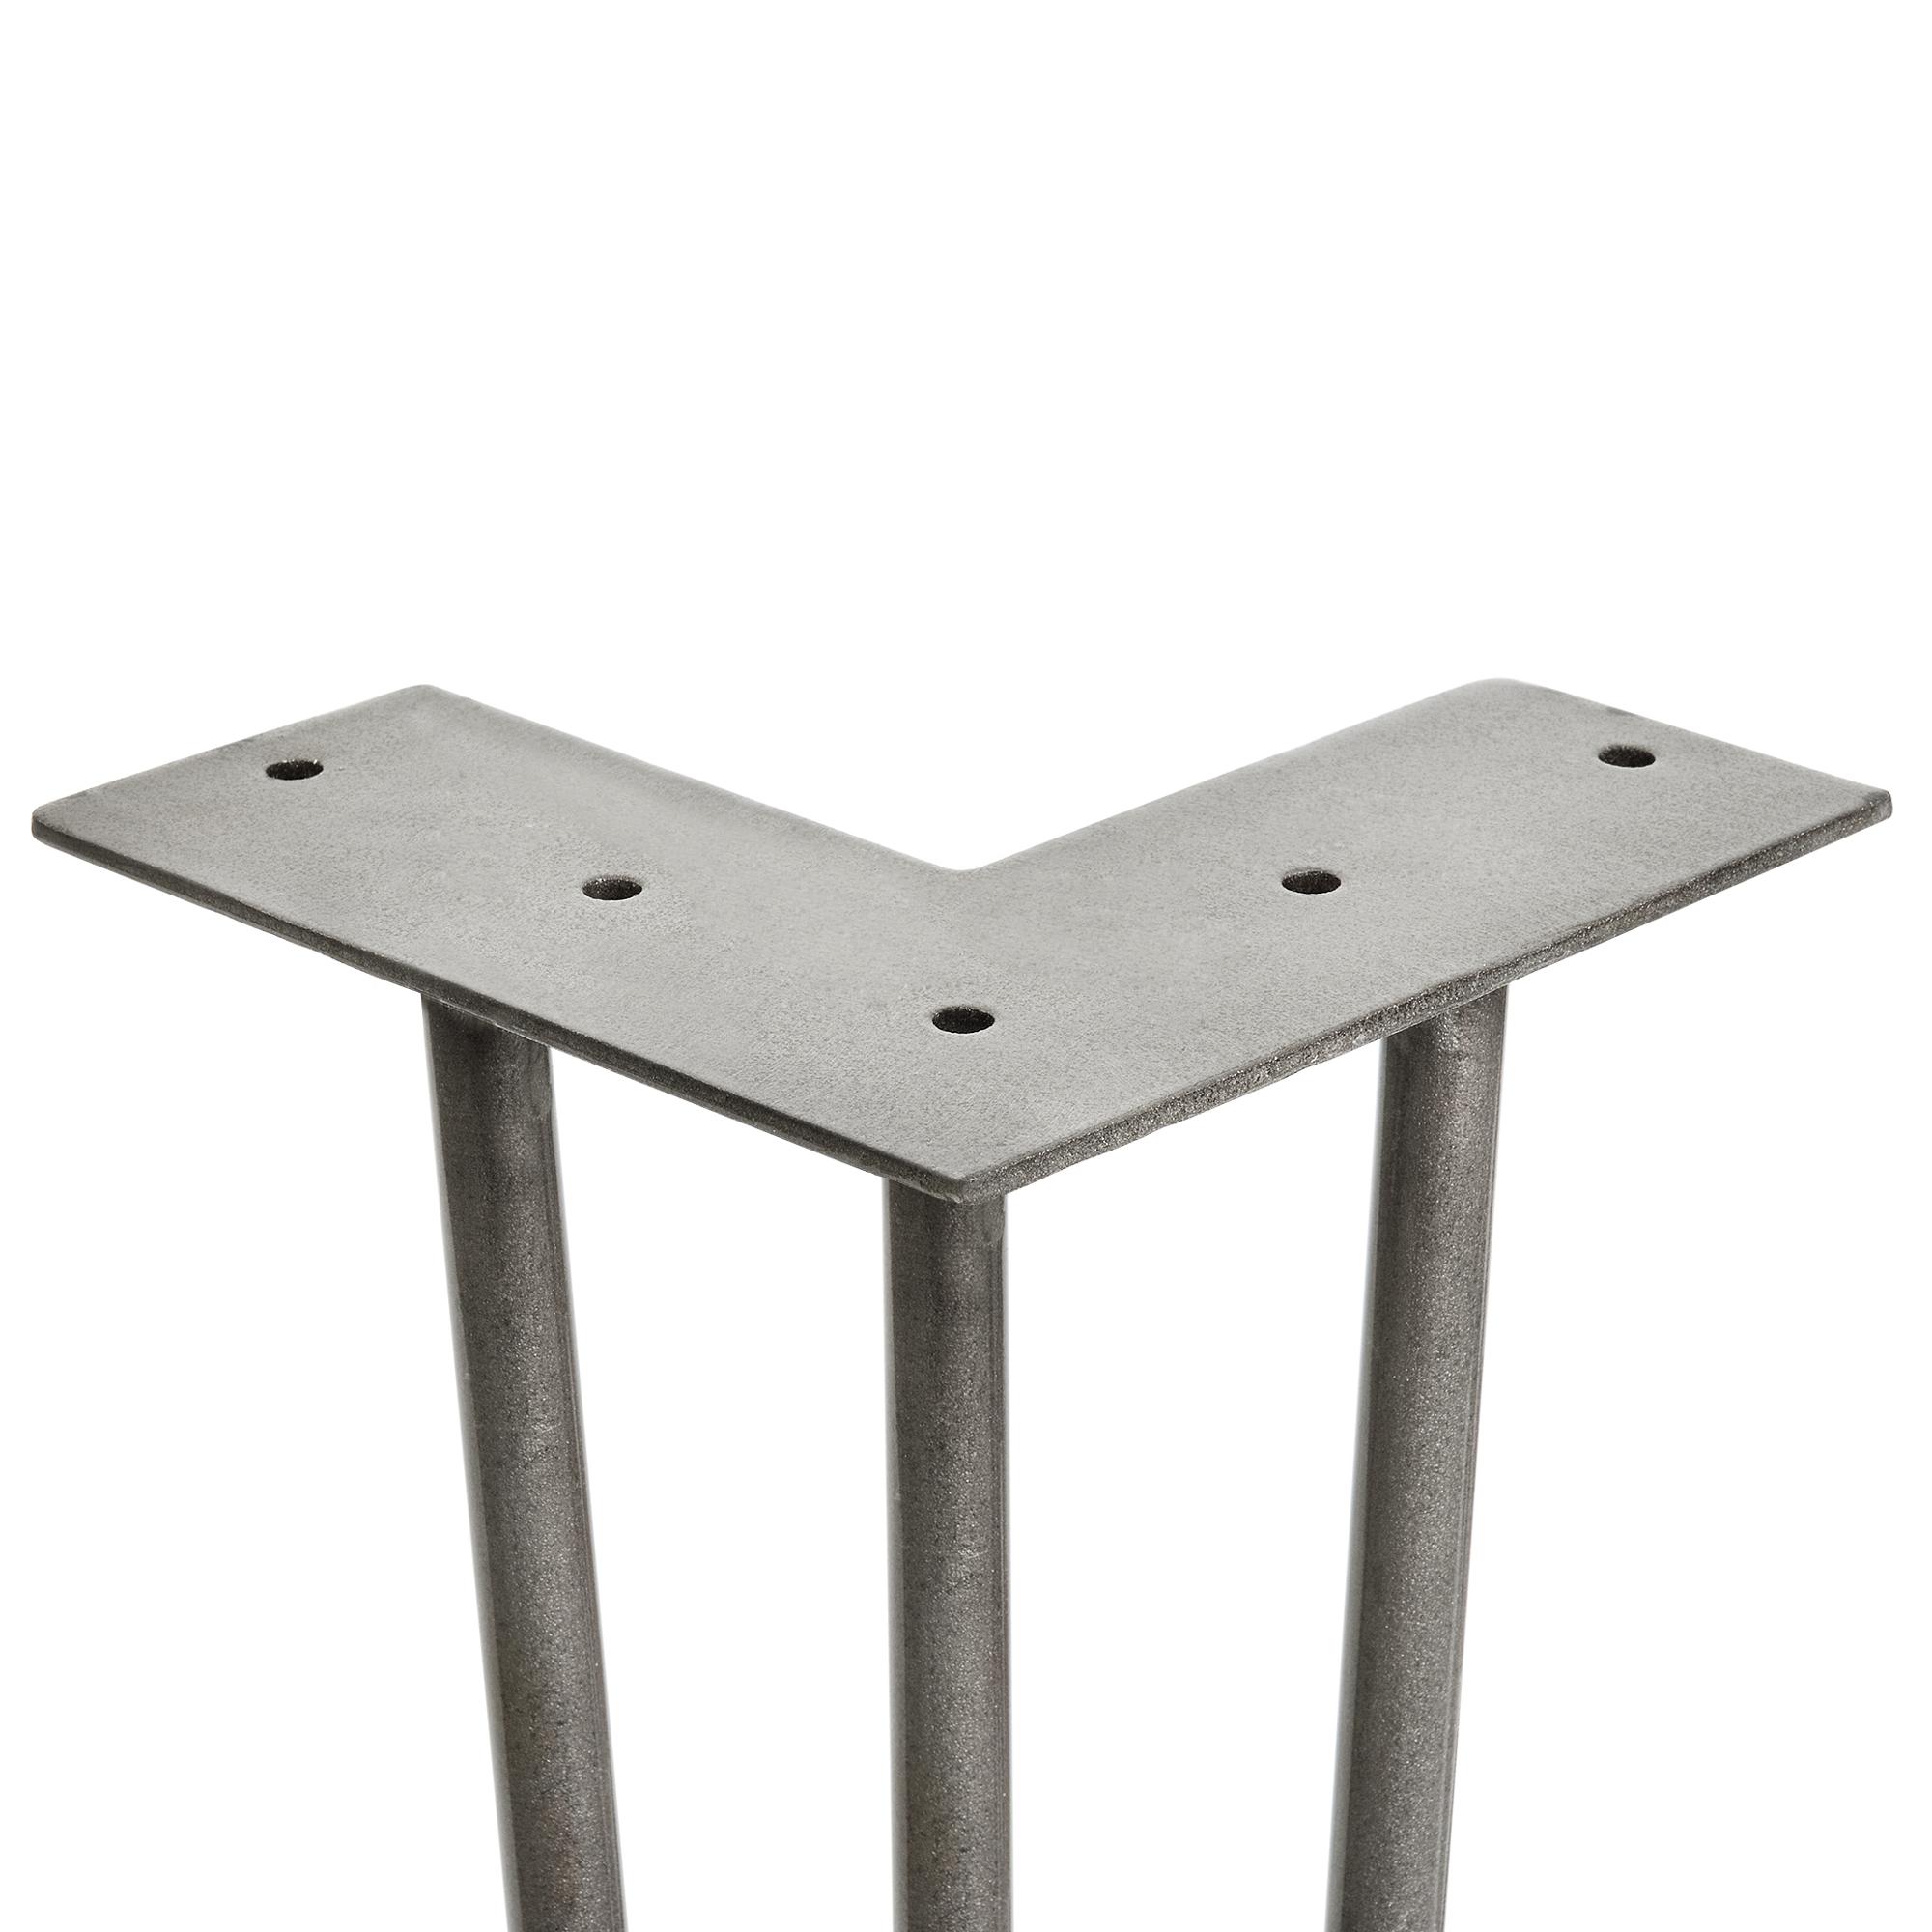 en.casa]® 4x Hairpin Leg gambe tavolo metallo DIY 35cm acciaio ...